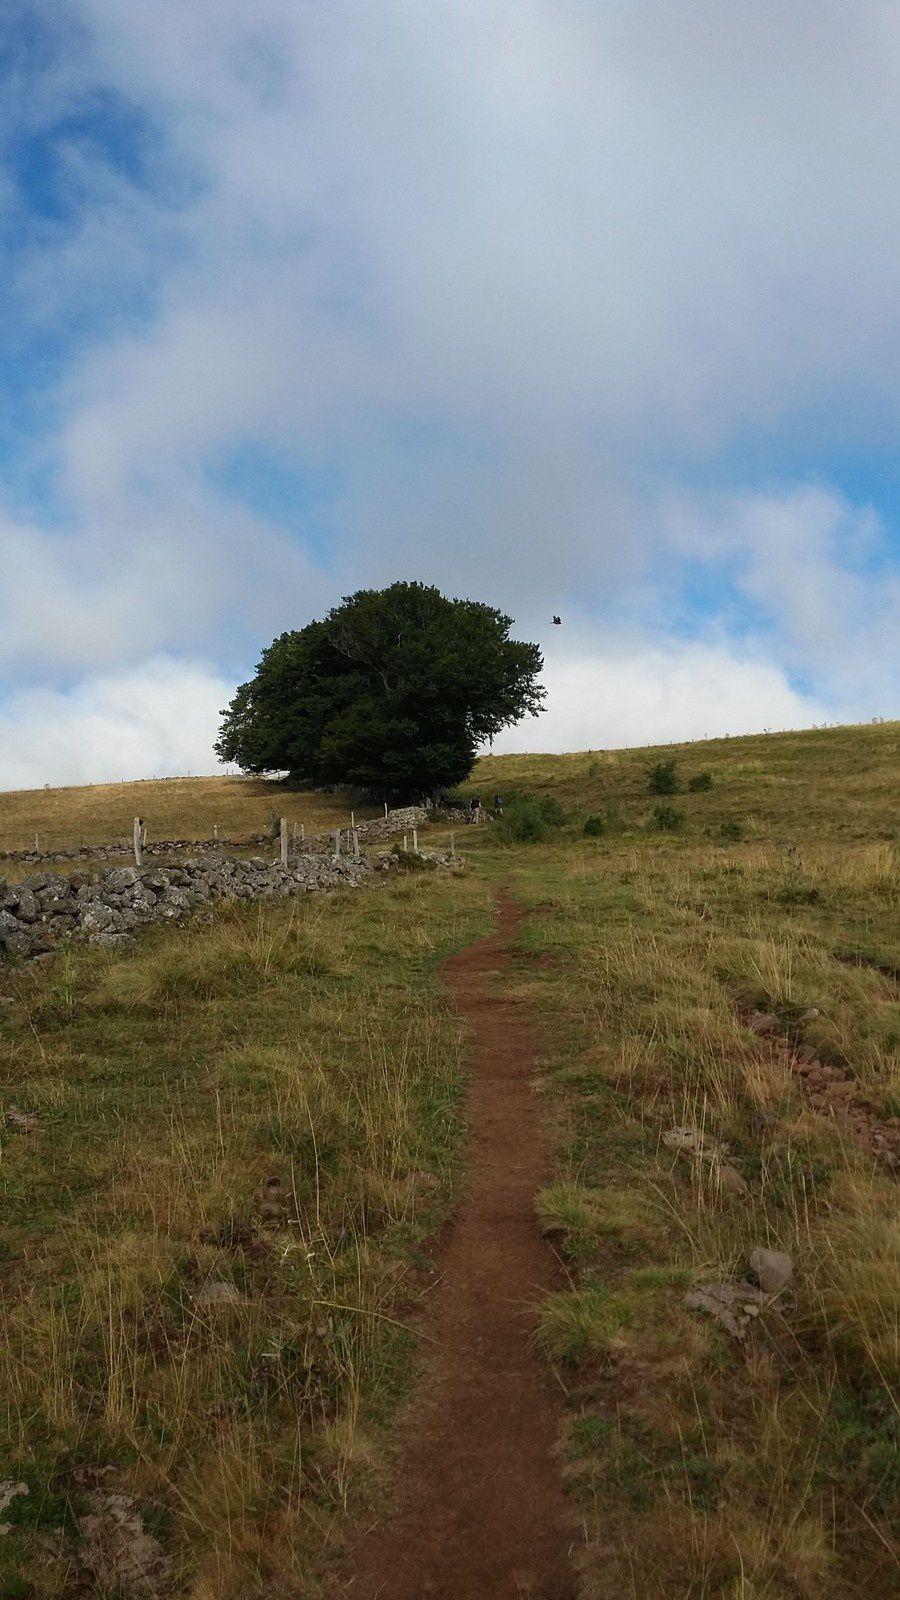 Nous commençons notre petite montée sur le plateau de l'Aubrac. Sylvie maintient fermement Emeric dans la montée car les ornières sont nombreuses.